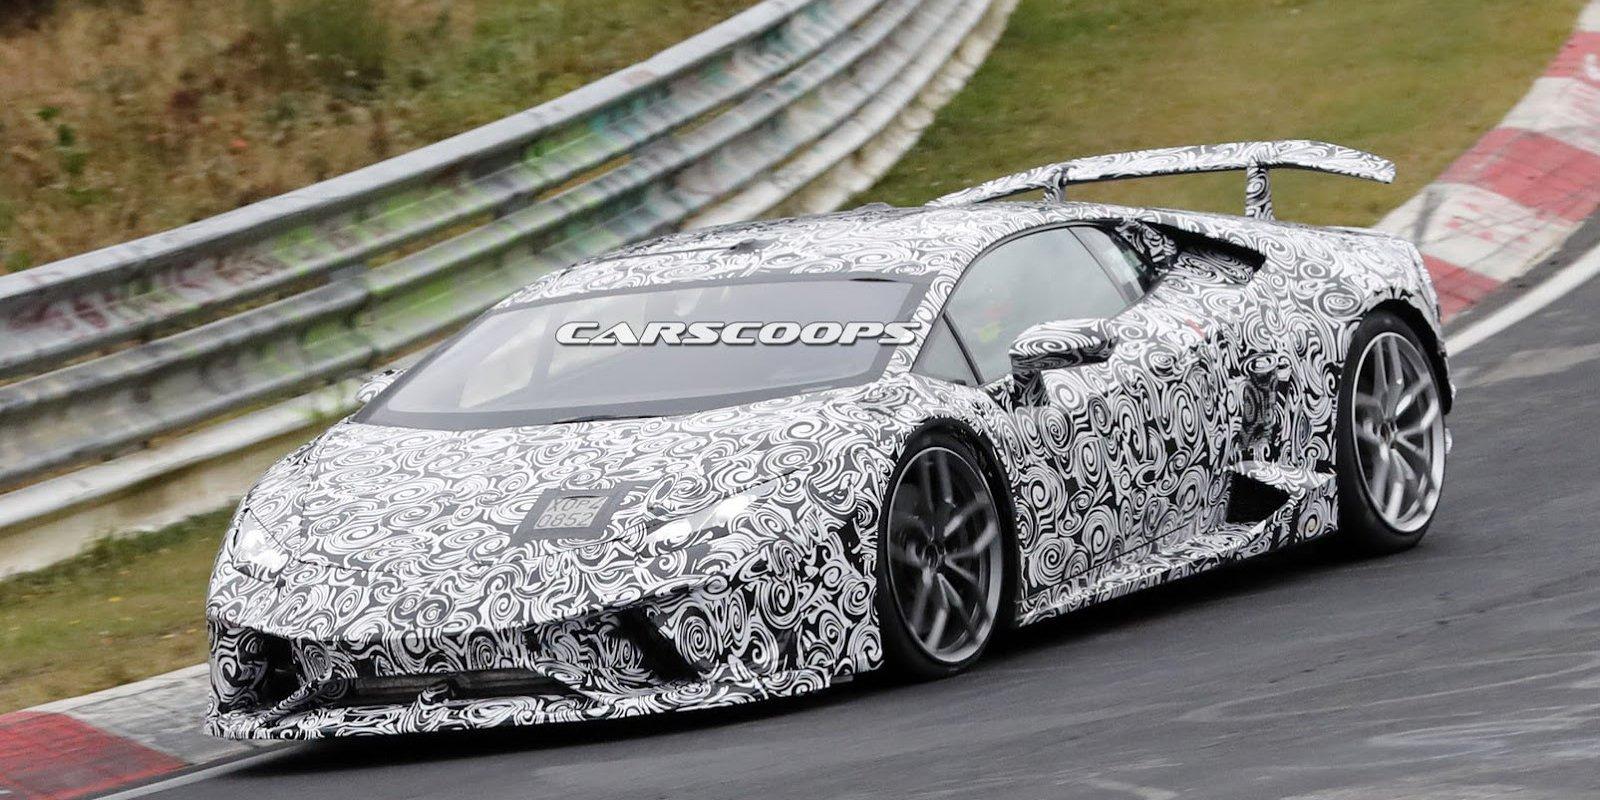 Lamborghini Huracan Performante spyshot